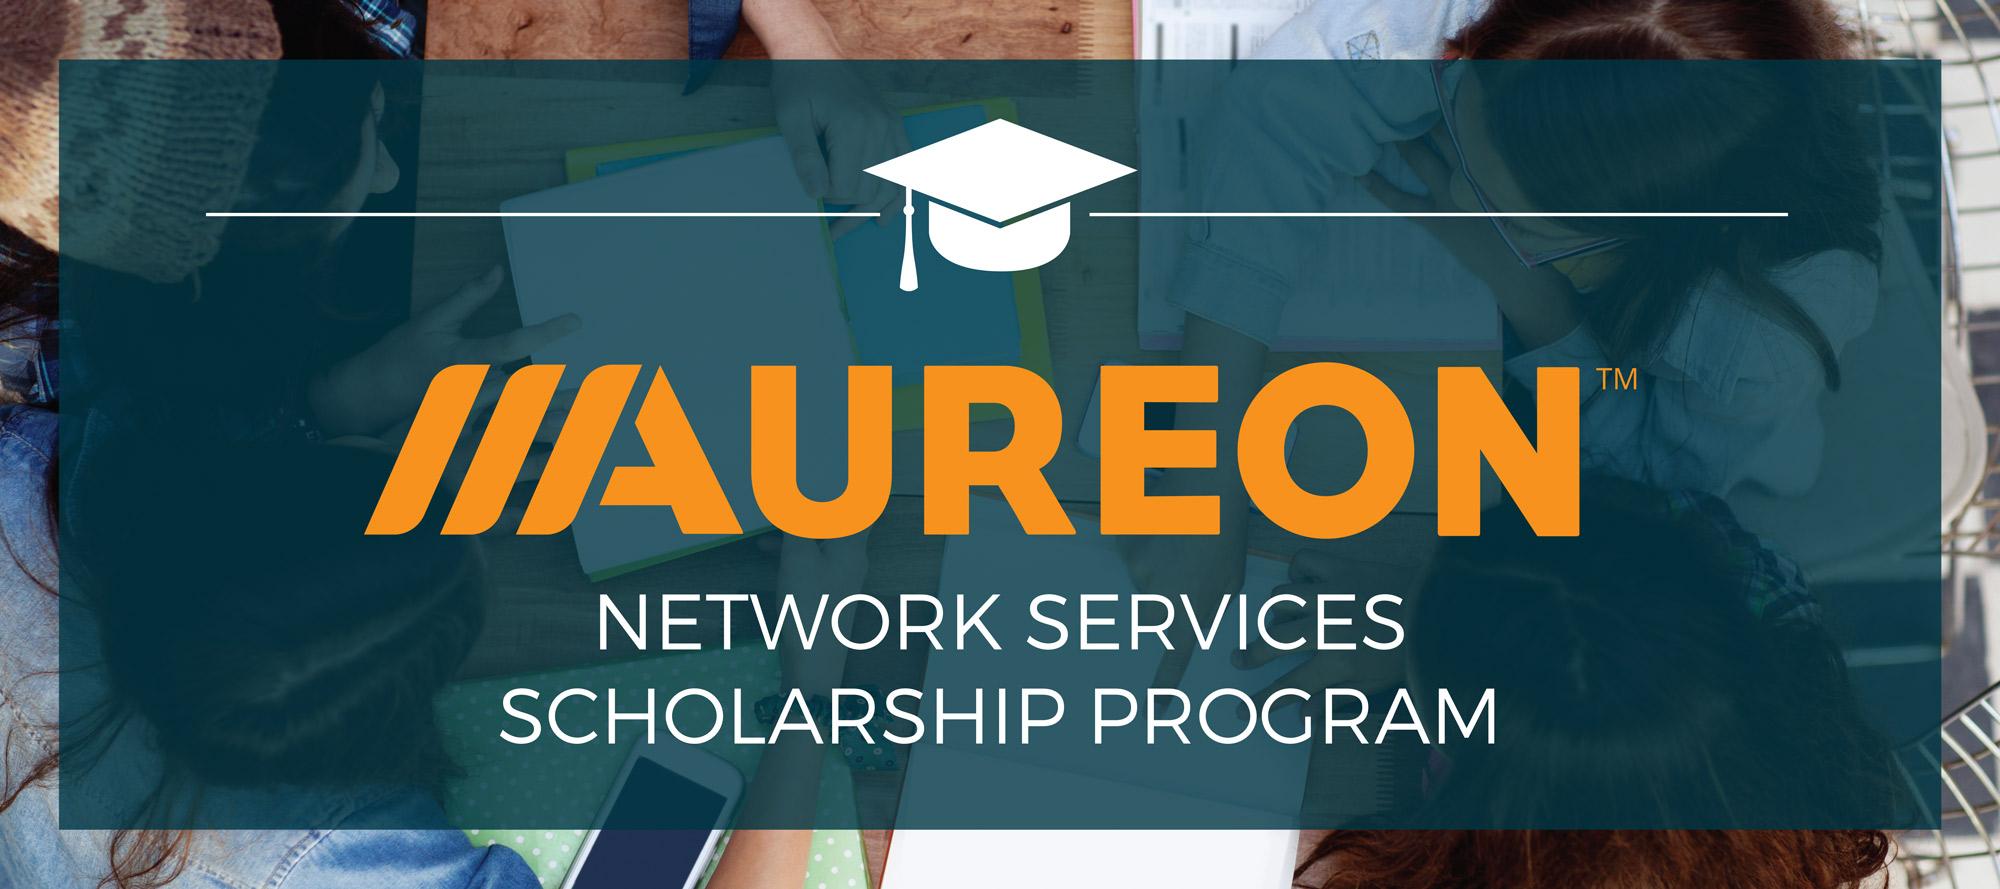 Aureon Scholarship 2019